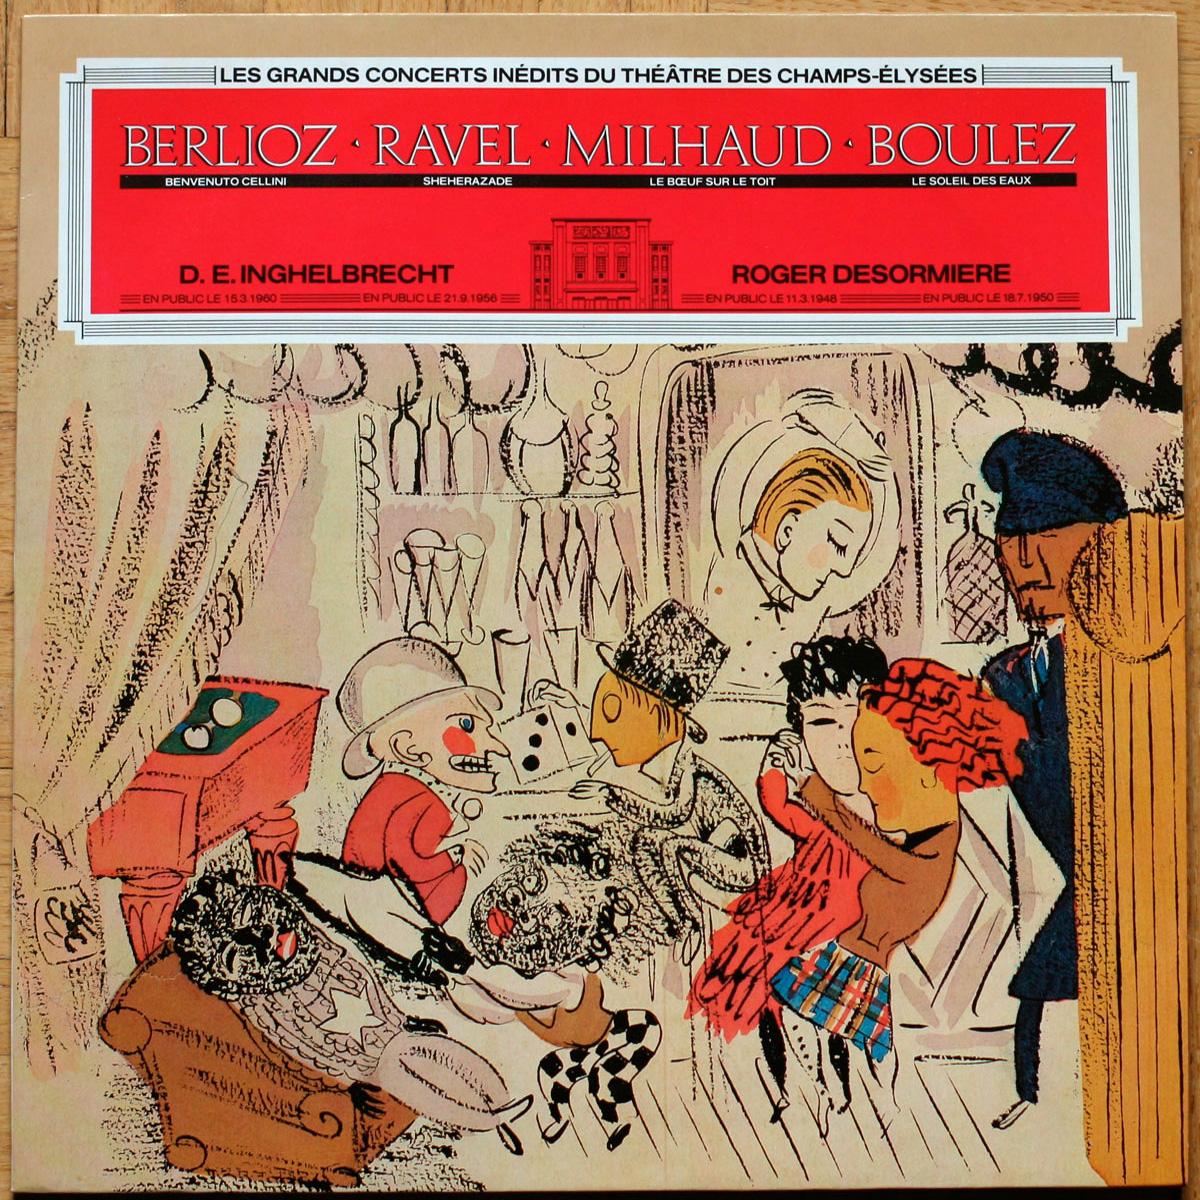 Berlioz Ravel Milhaud Desormiere Inghelbrecht